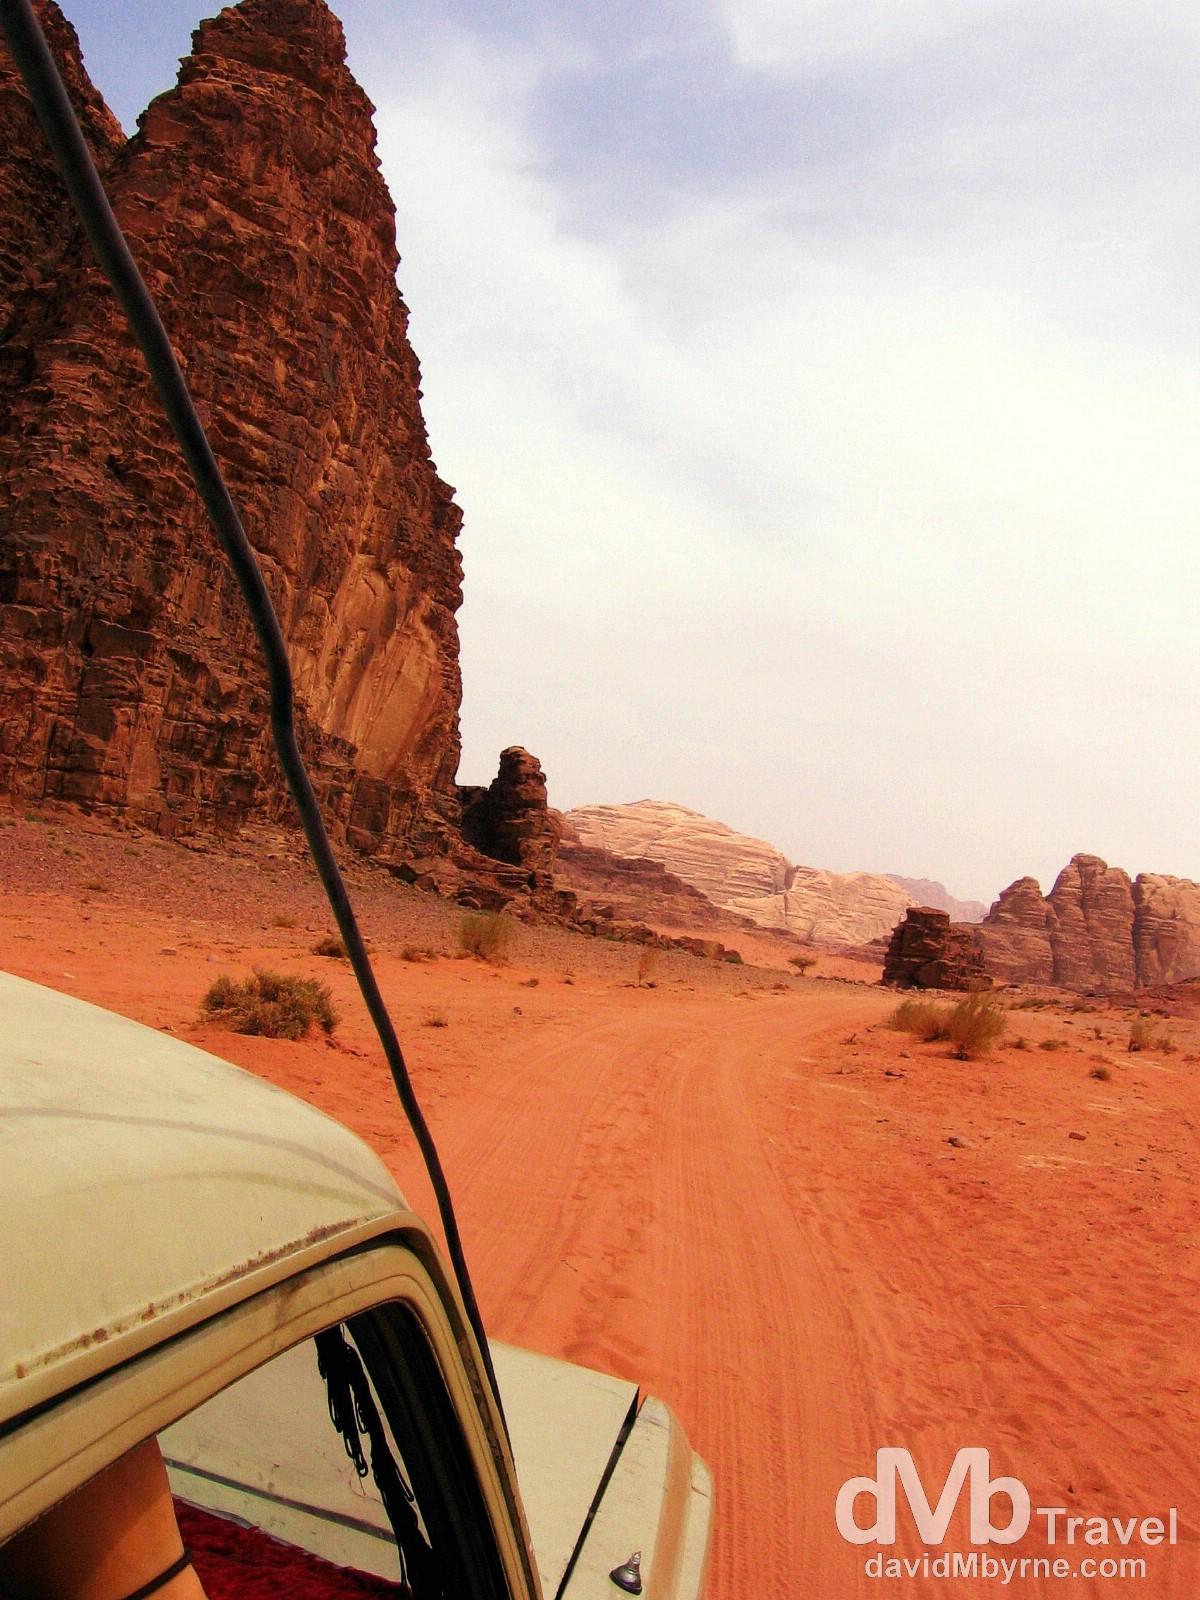 Driving through the red sands of Wadi Rum, Jordan. April 25th 2008.